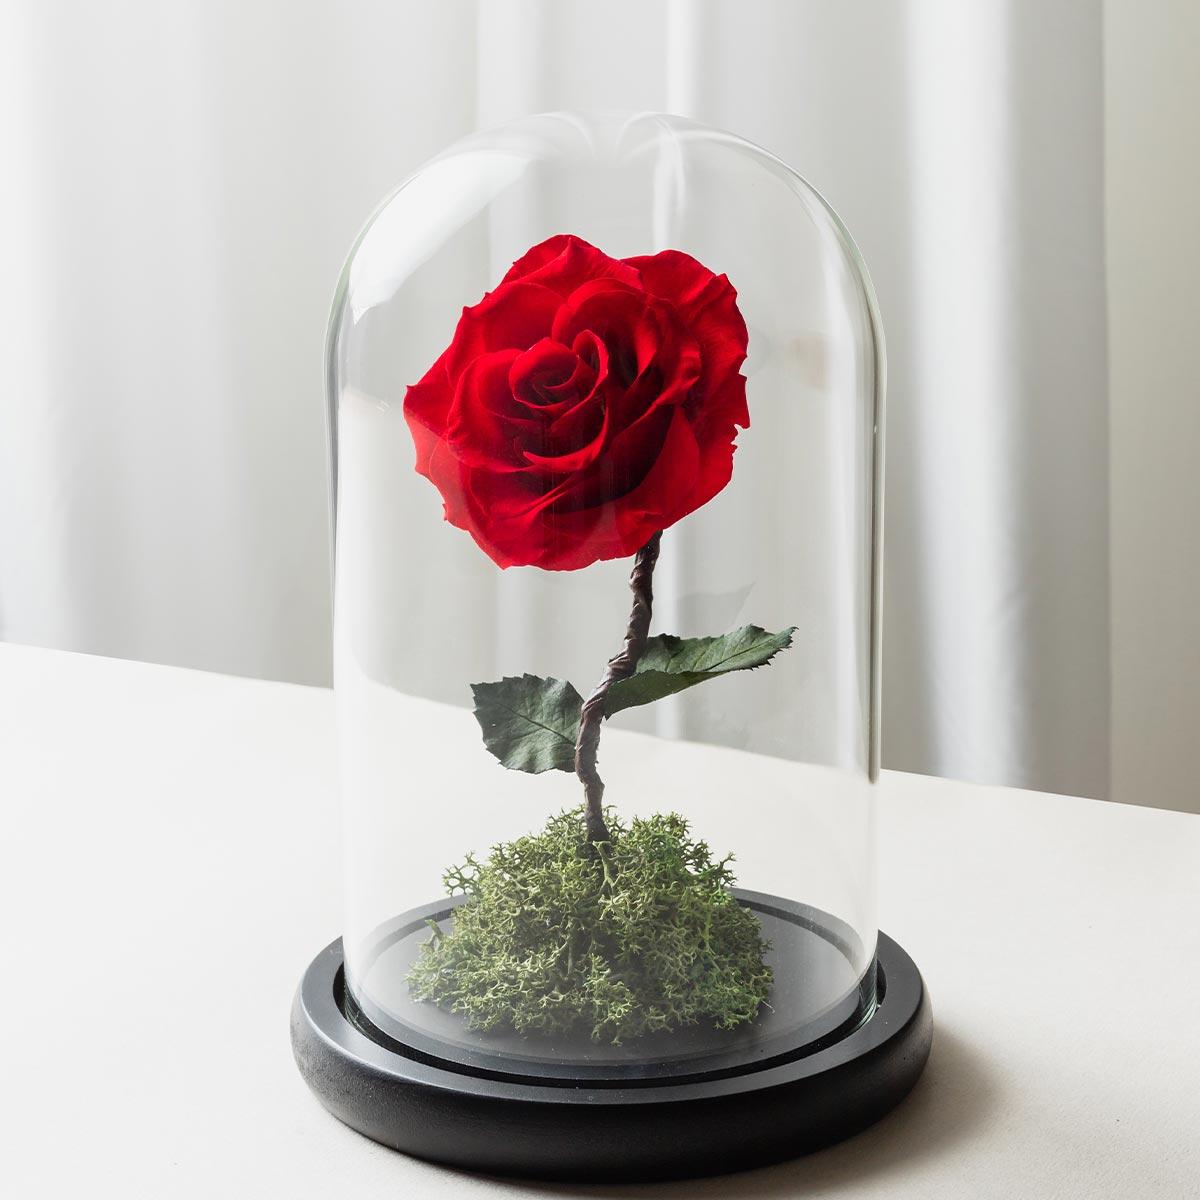 紅色永生花開幕盆栽,開幕盆栽推薦,永生花紅色